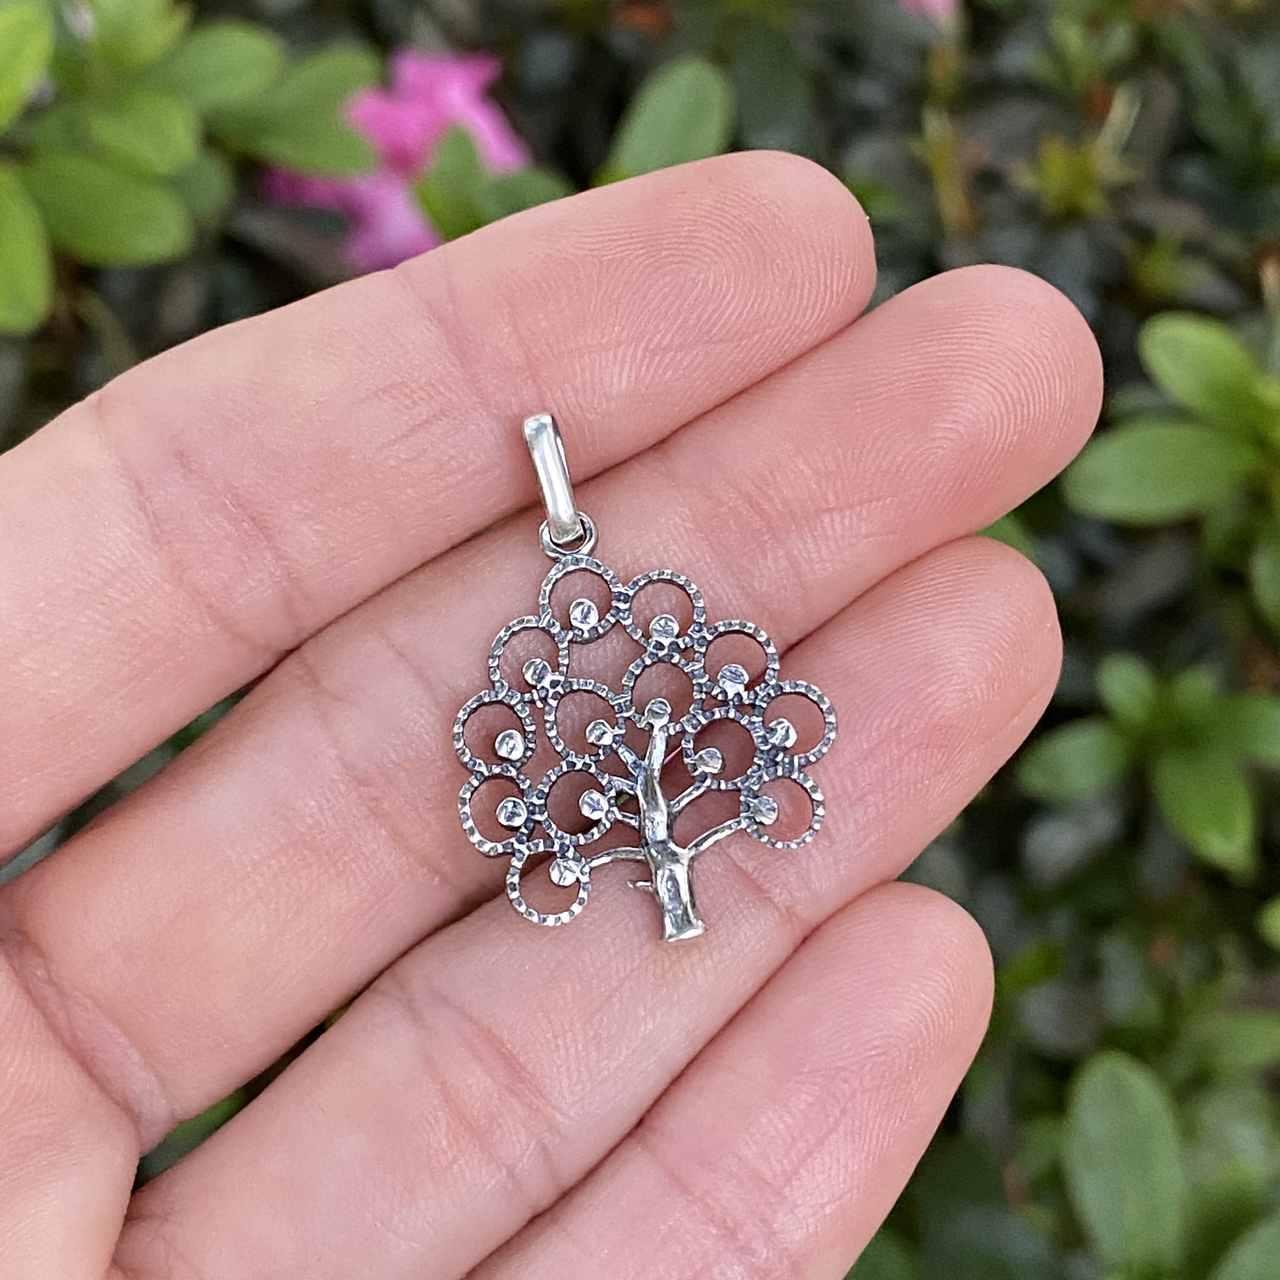 Pingente de Prata 925 Árvore da Vida Vazado Envelhecido